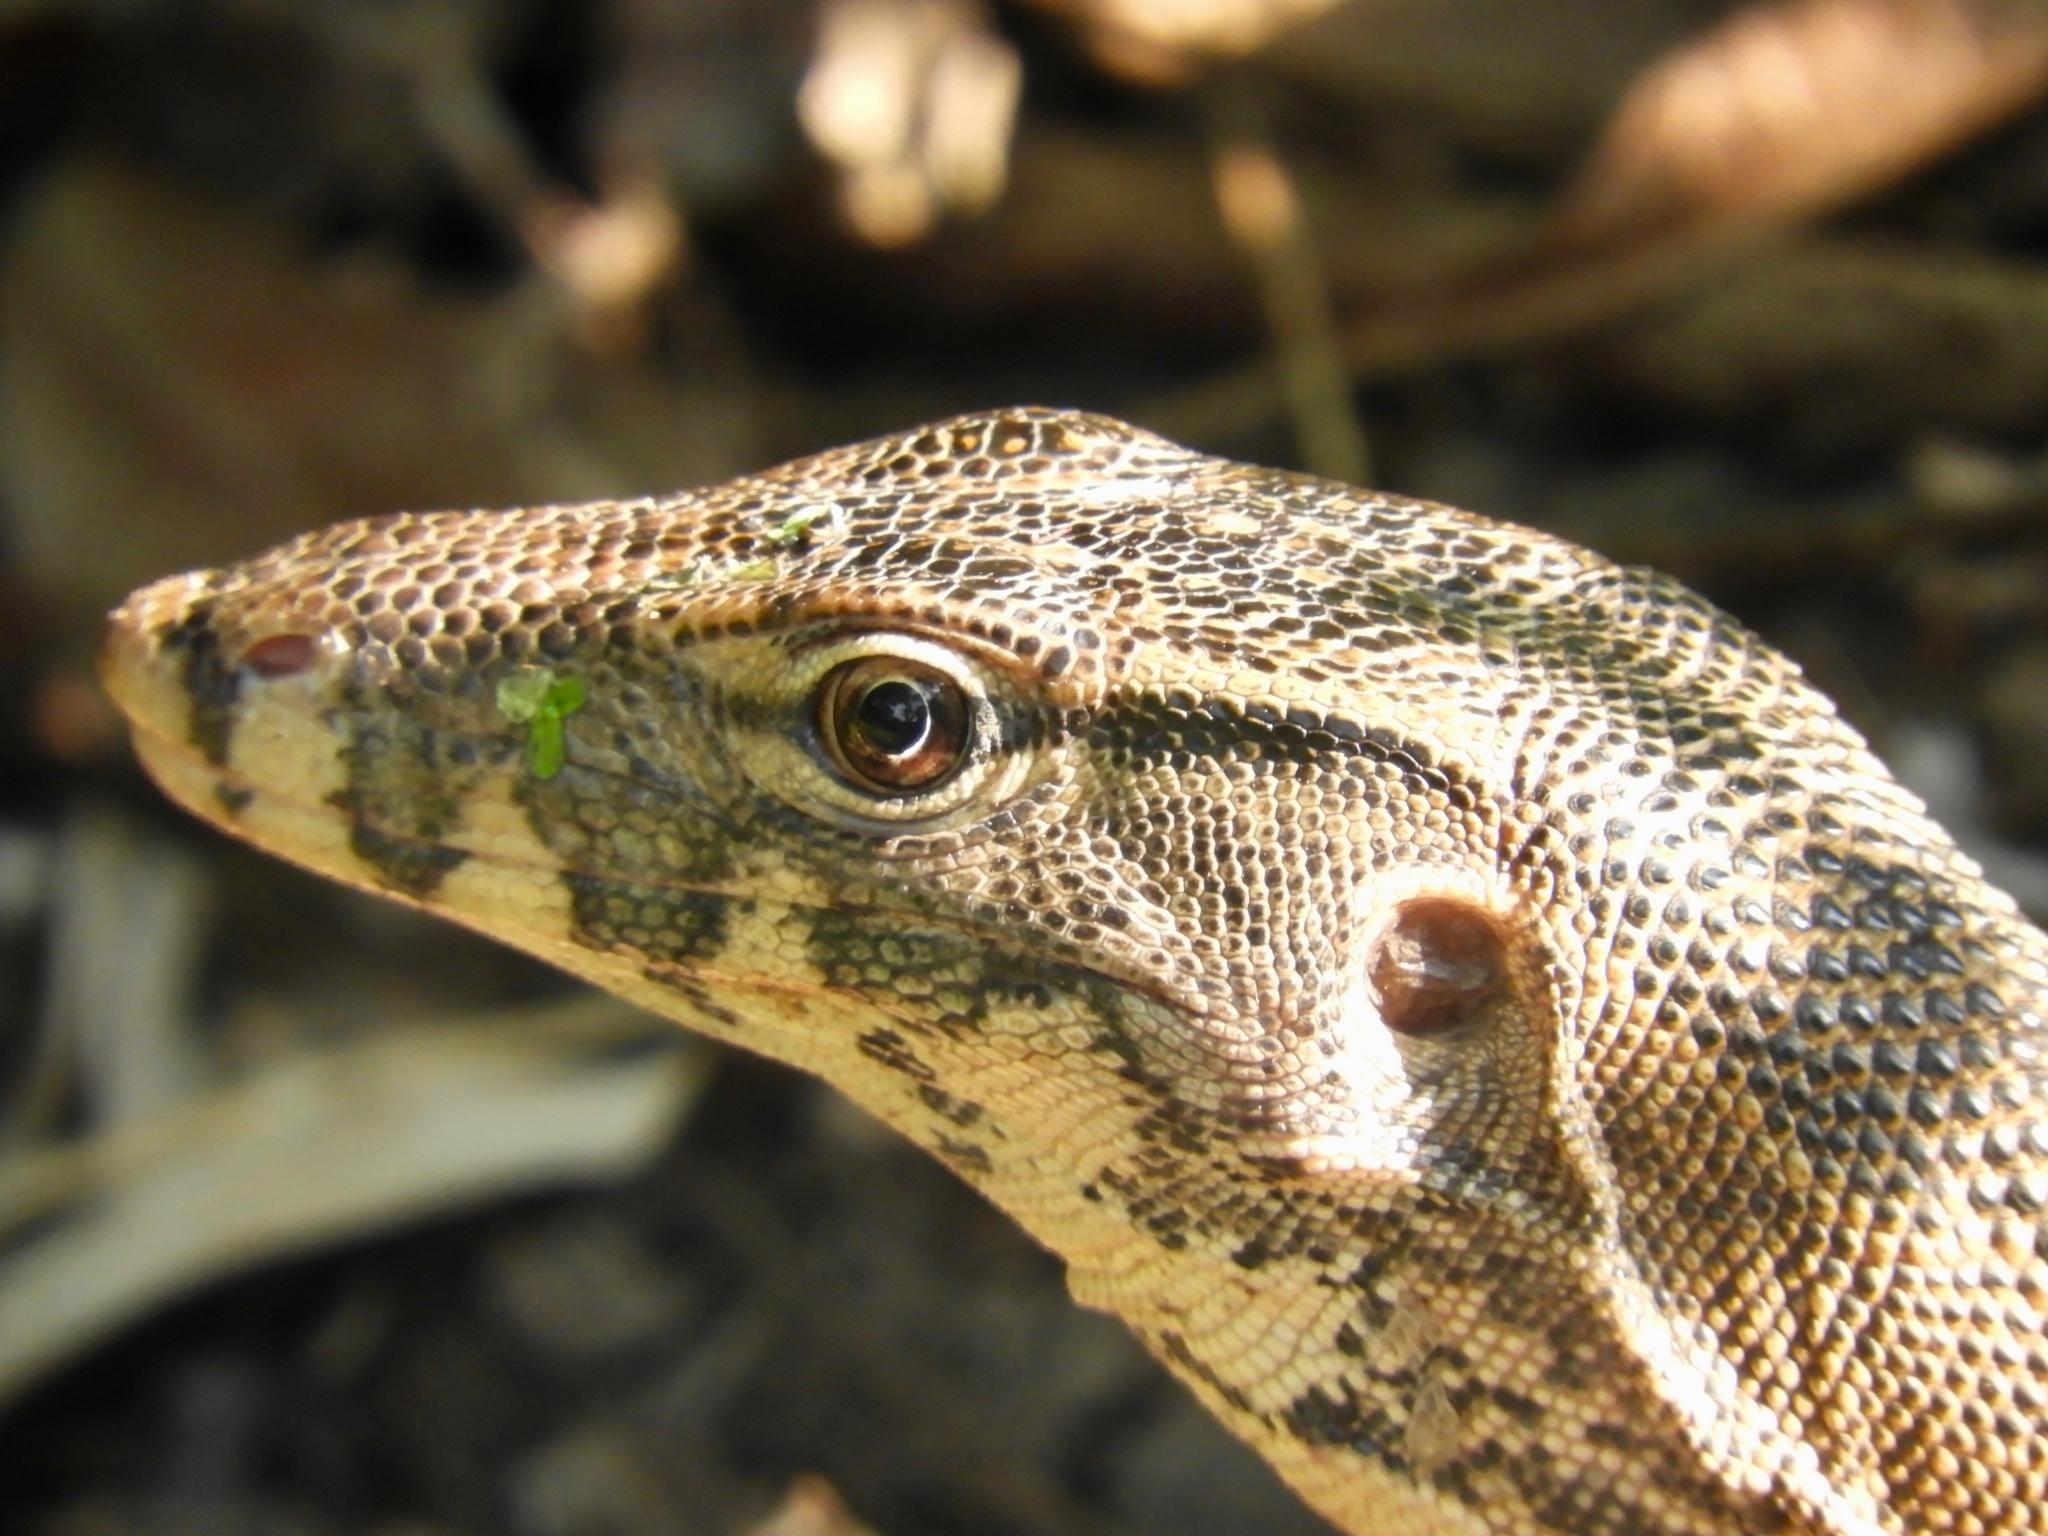 iguana by Henny van Broekhoven